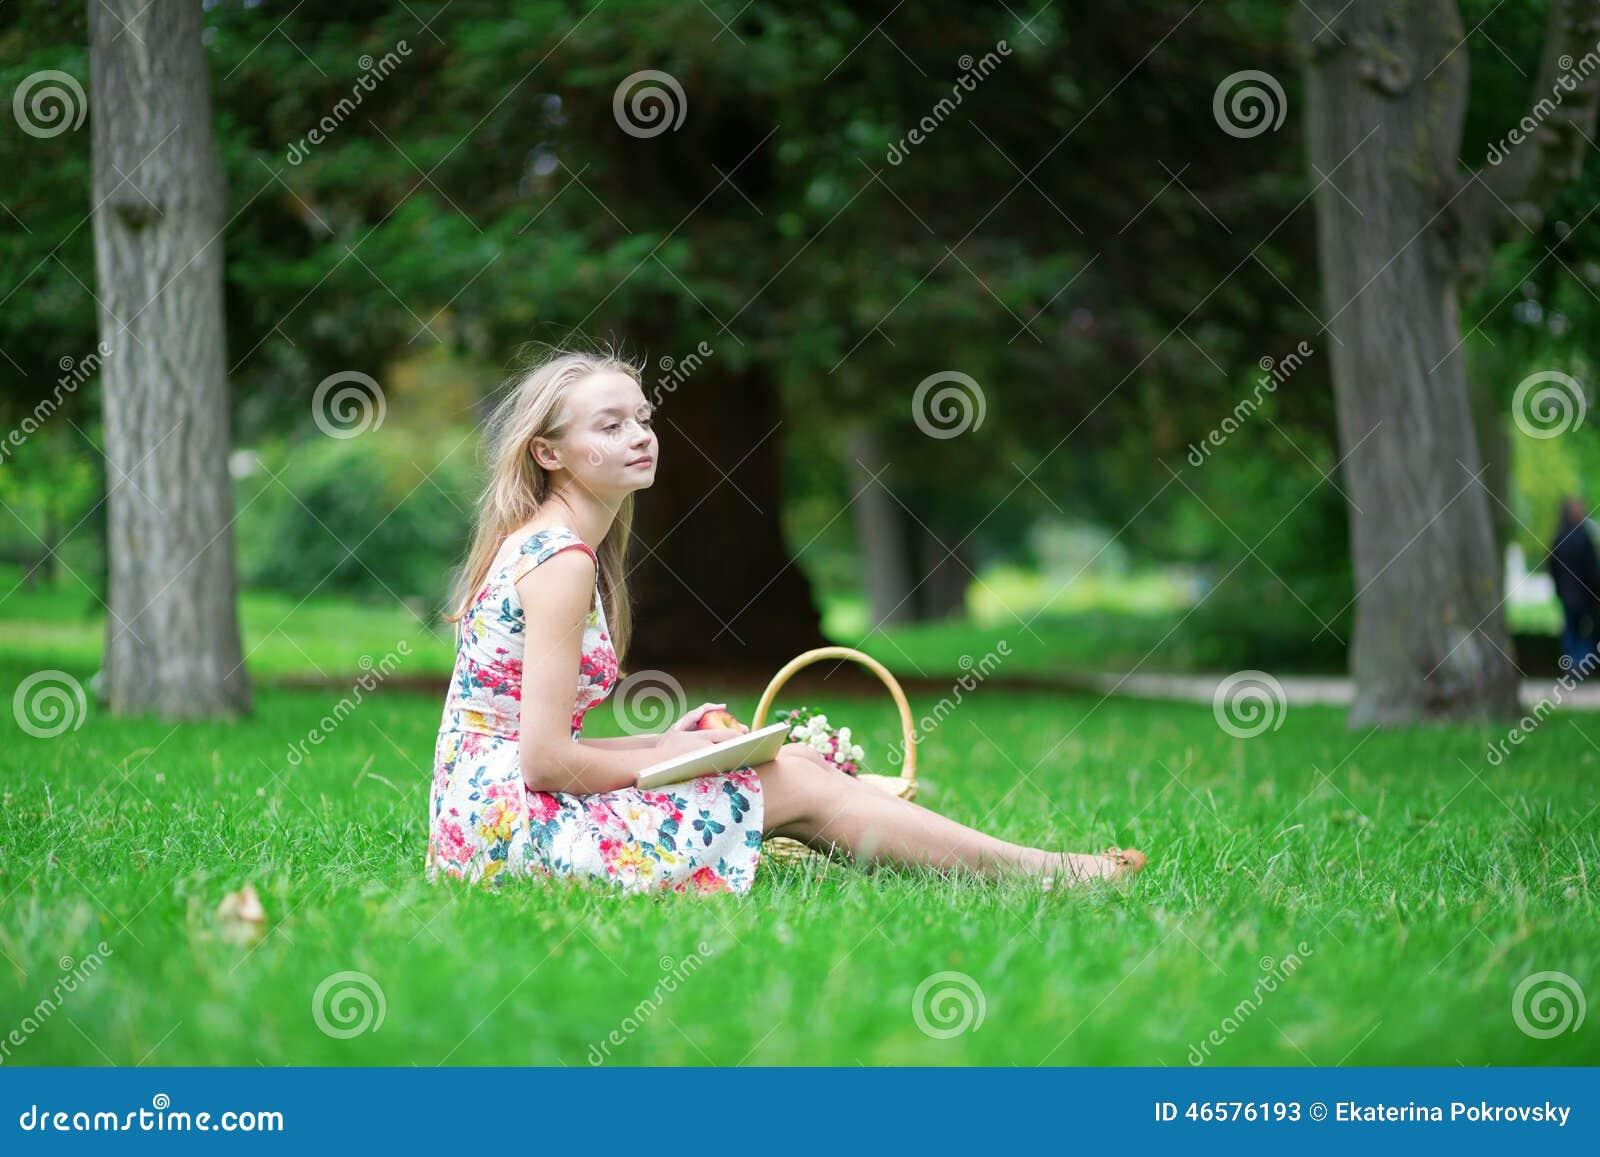 Jeune Belle Fille Dans La Campagne Image Stock Image Du Bonheur Panier 46576193